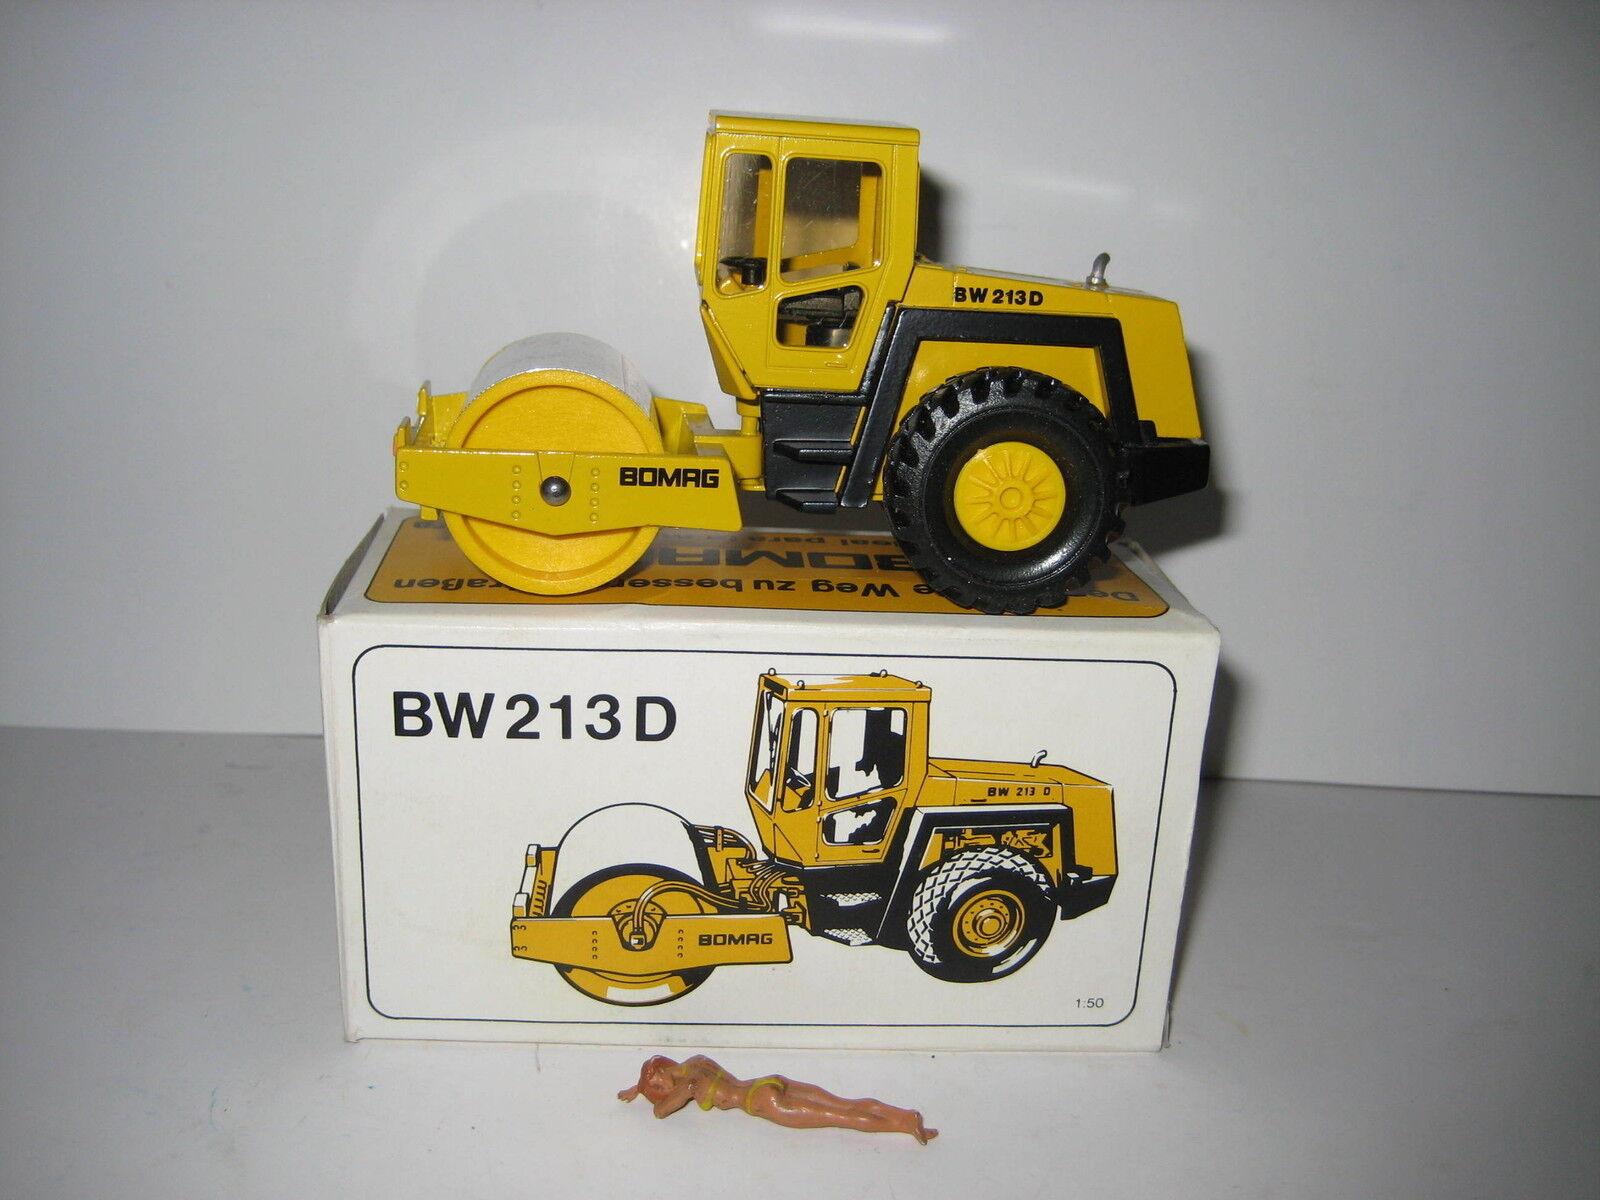 BOMAG BW 213 D Rouleau  2710.1 CONRAD 1 50 NEUF dans sa boîte